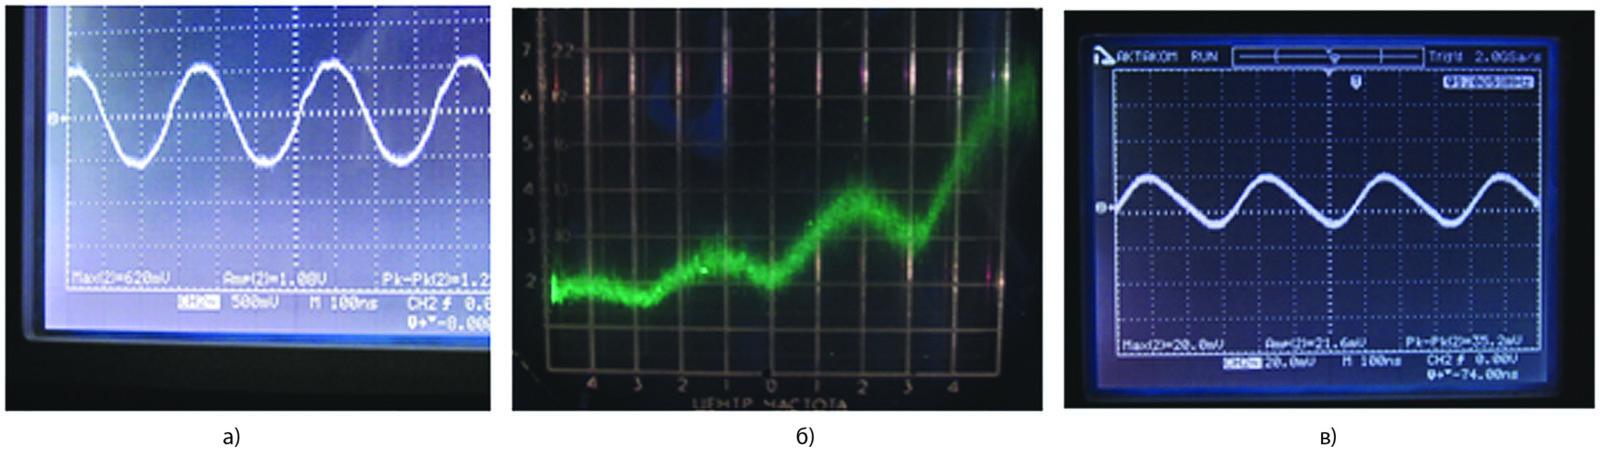 Характеристики режима с непрерывным спектром ВЧ-генерации в ГЛПД при НЧ-воздействии при токе диода 42 мA